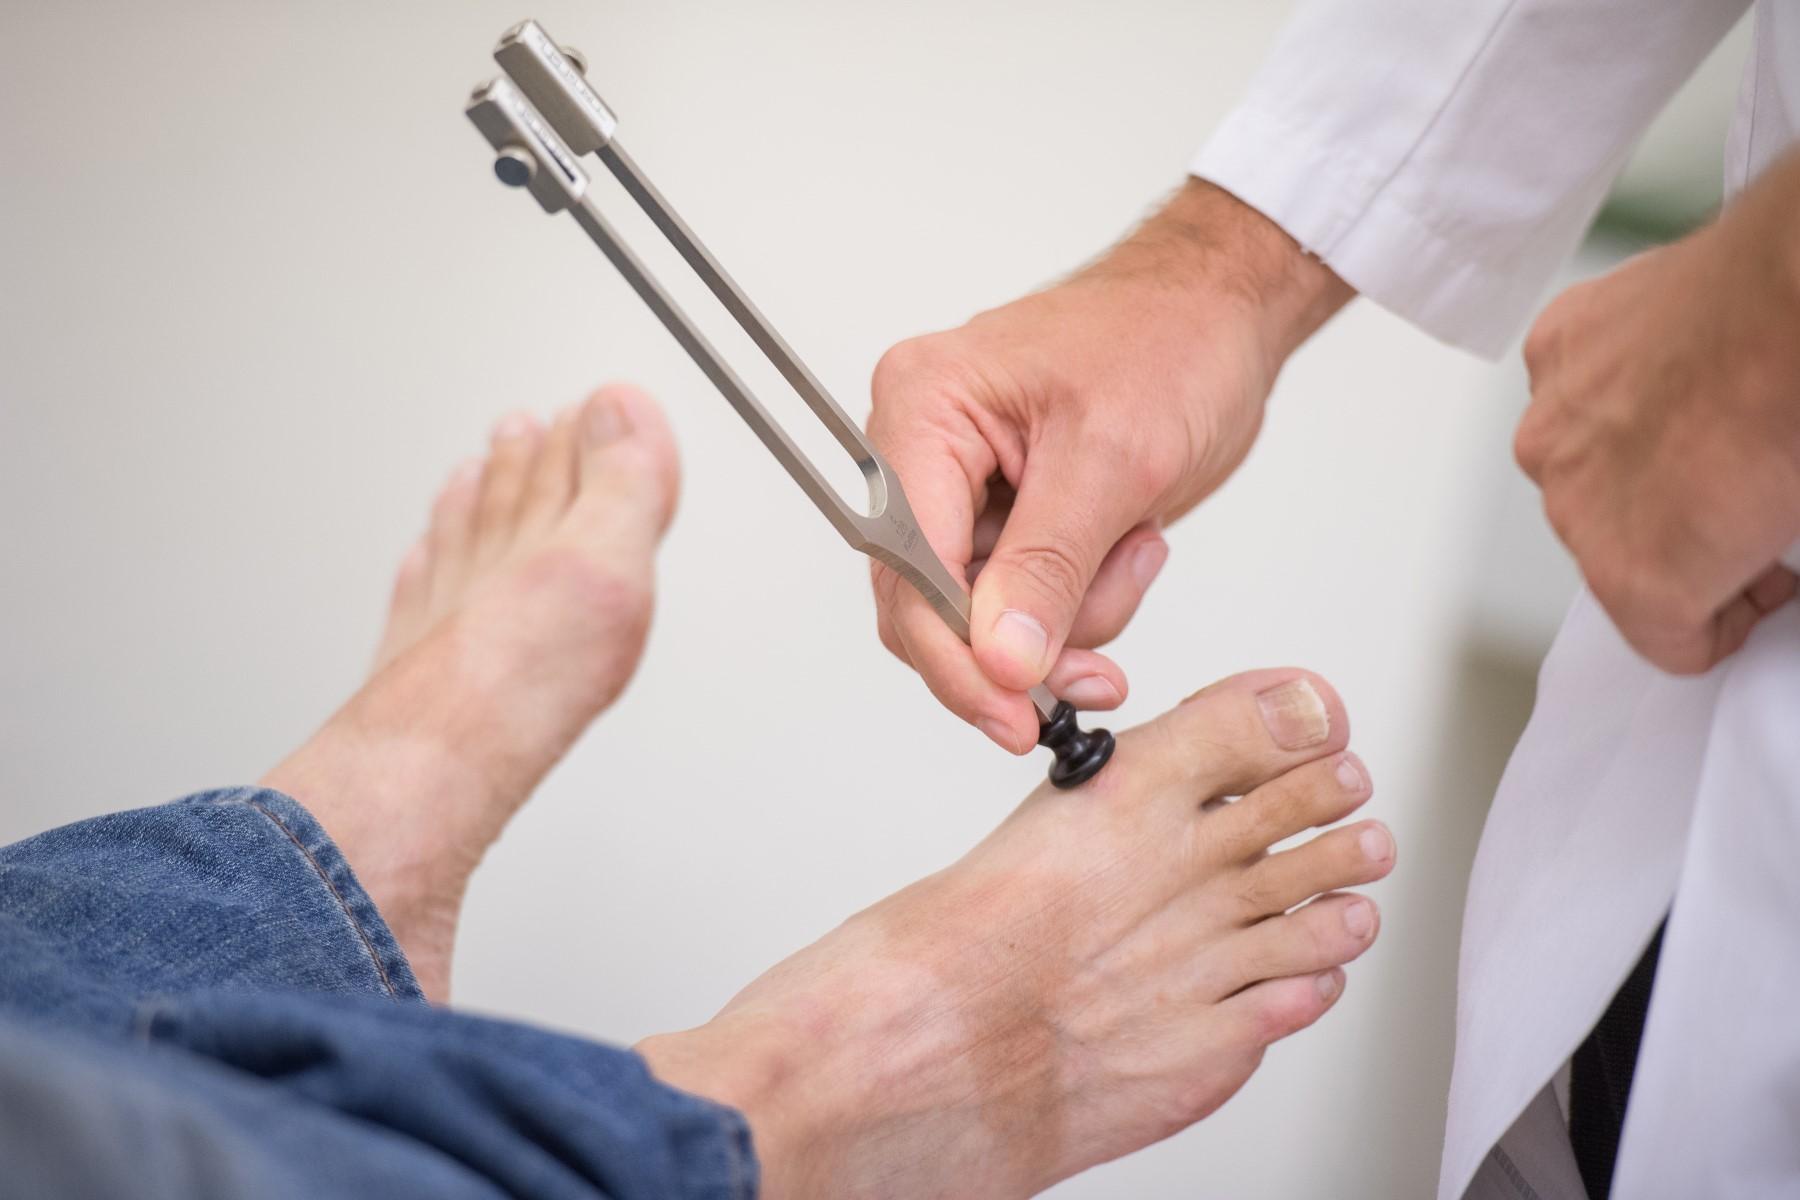 Stimmgabeltest am Fuß eines Patienten